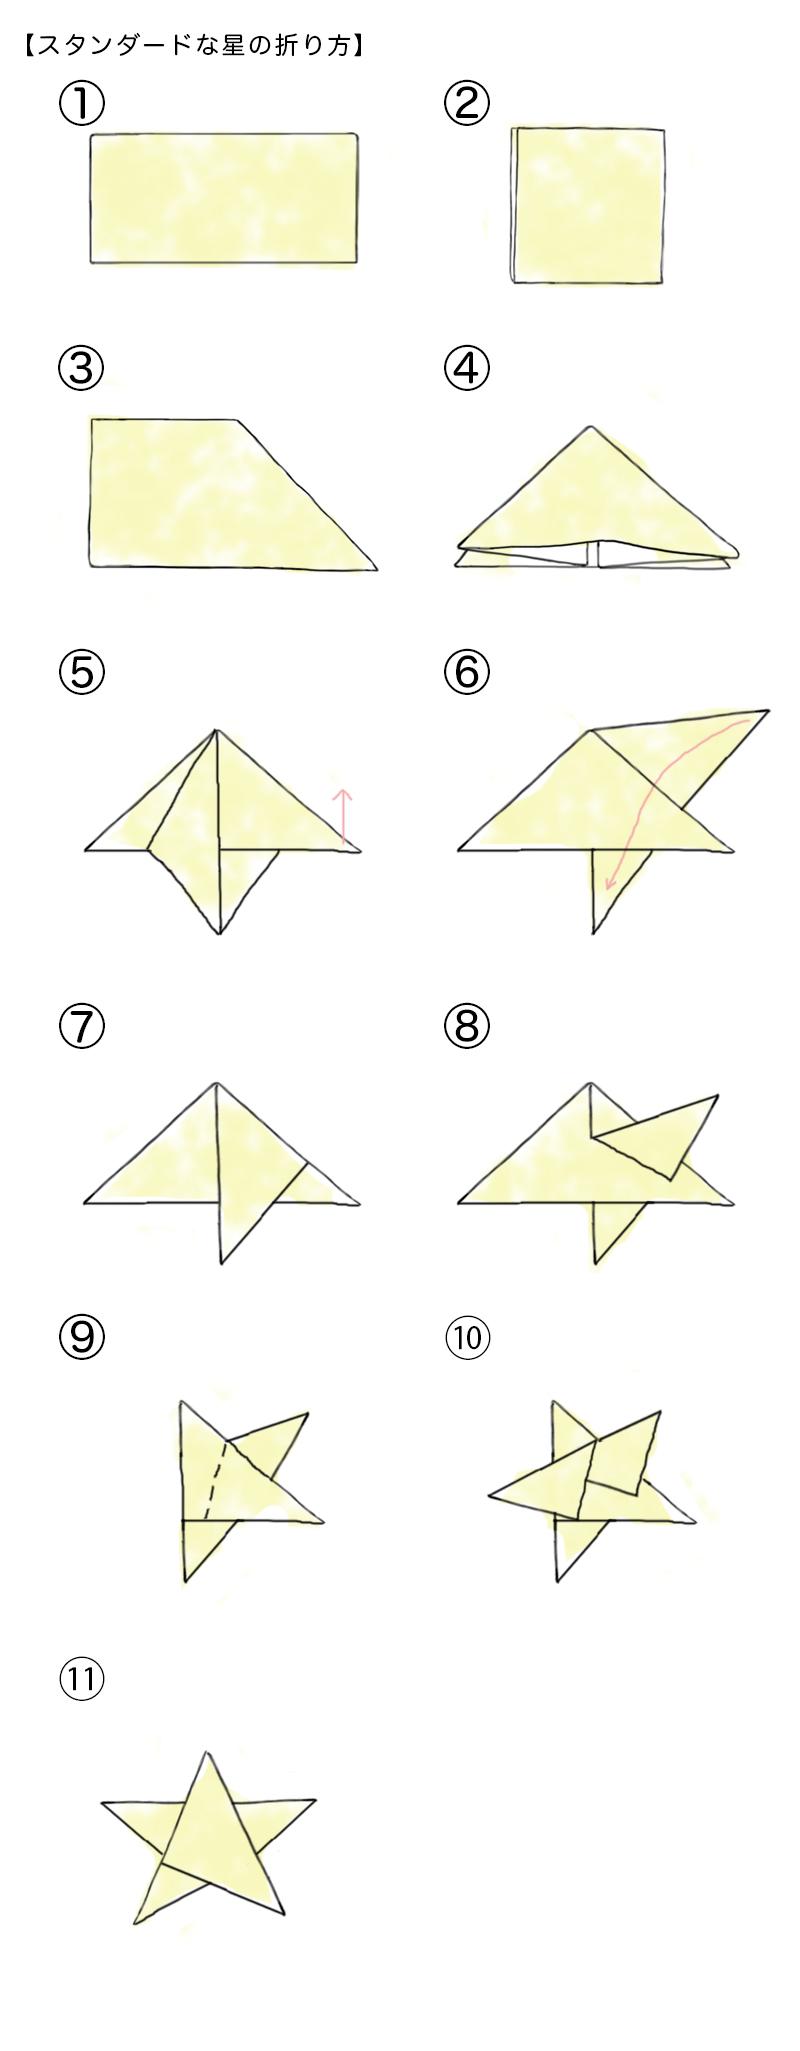 スタンダードな星の折り方